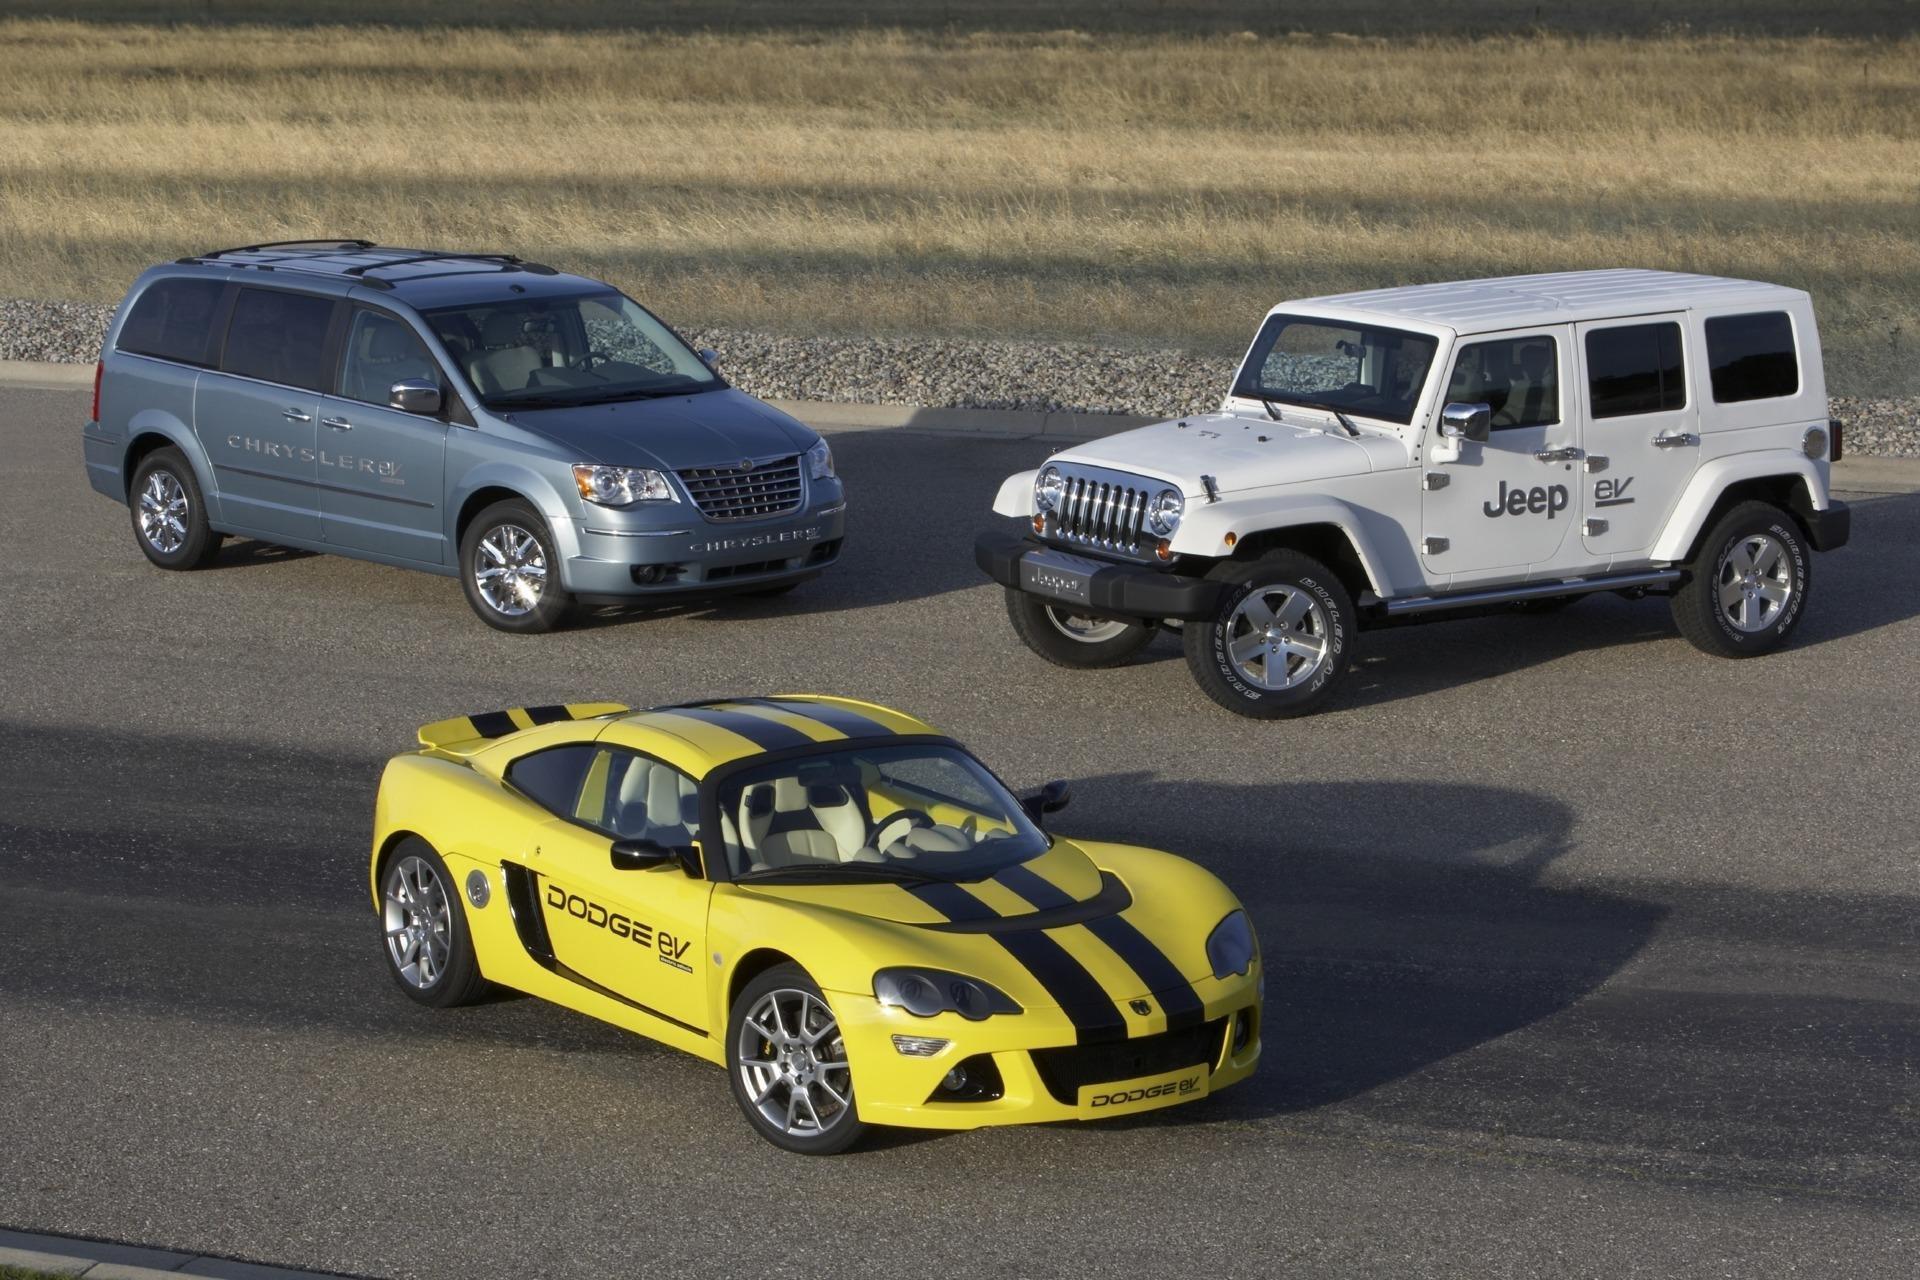 Jeep, Dodge иChrysler отзывают неменее 3 тыс. машин в РФ